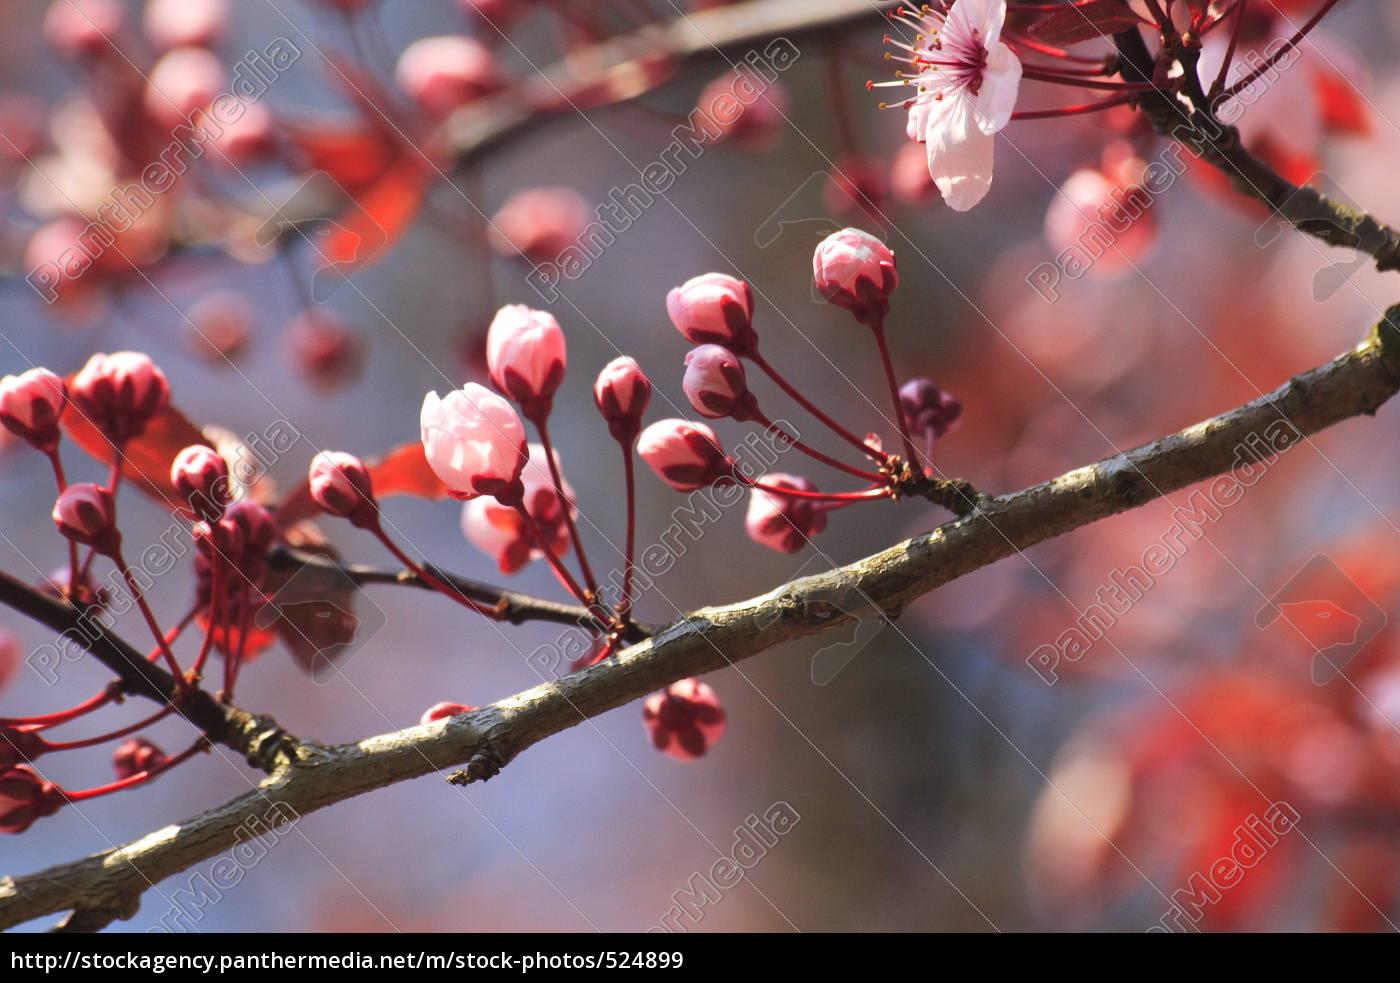 cherry, blossom, branch - 524899